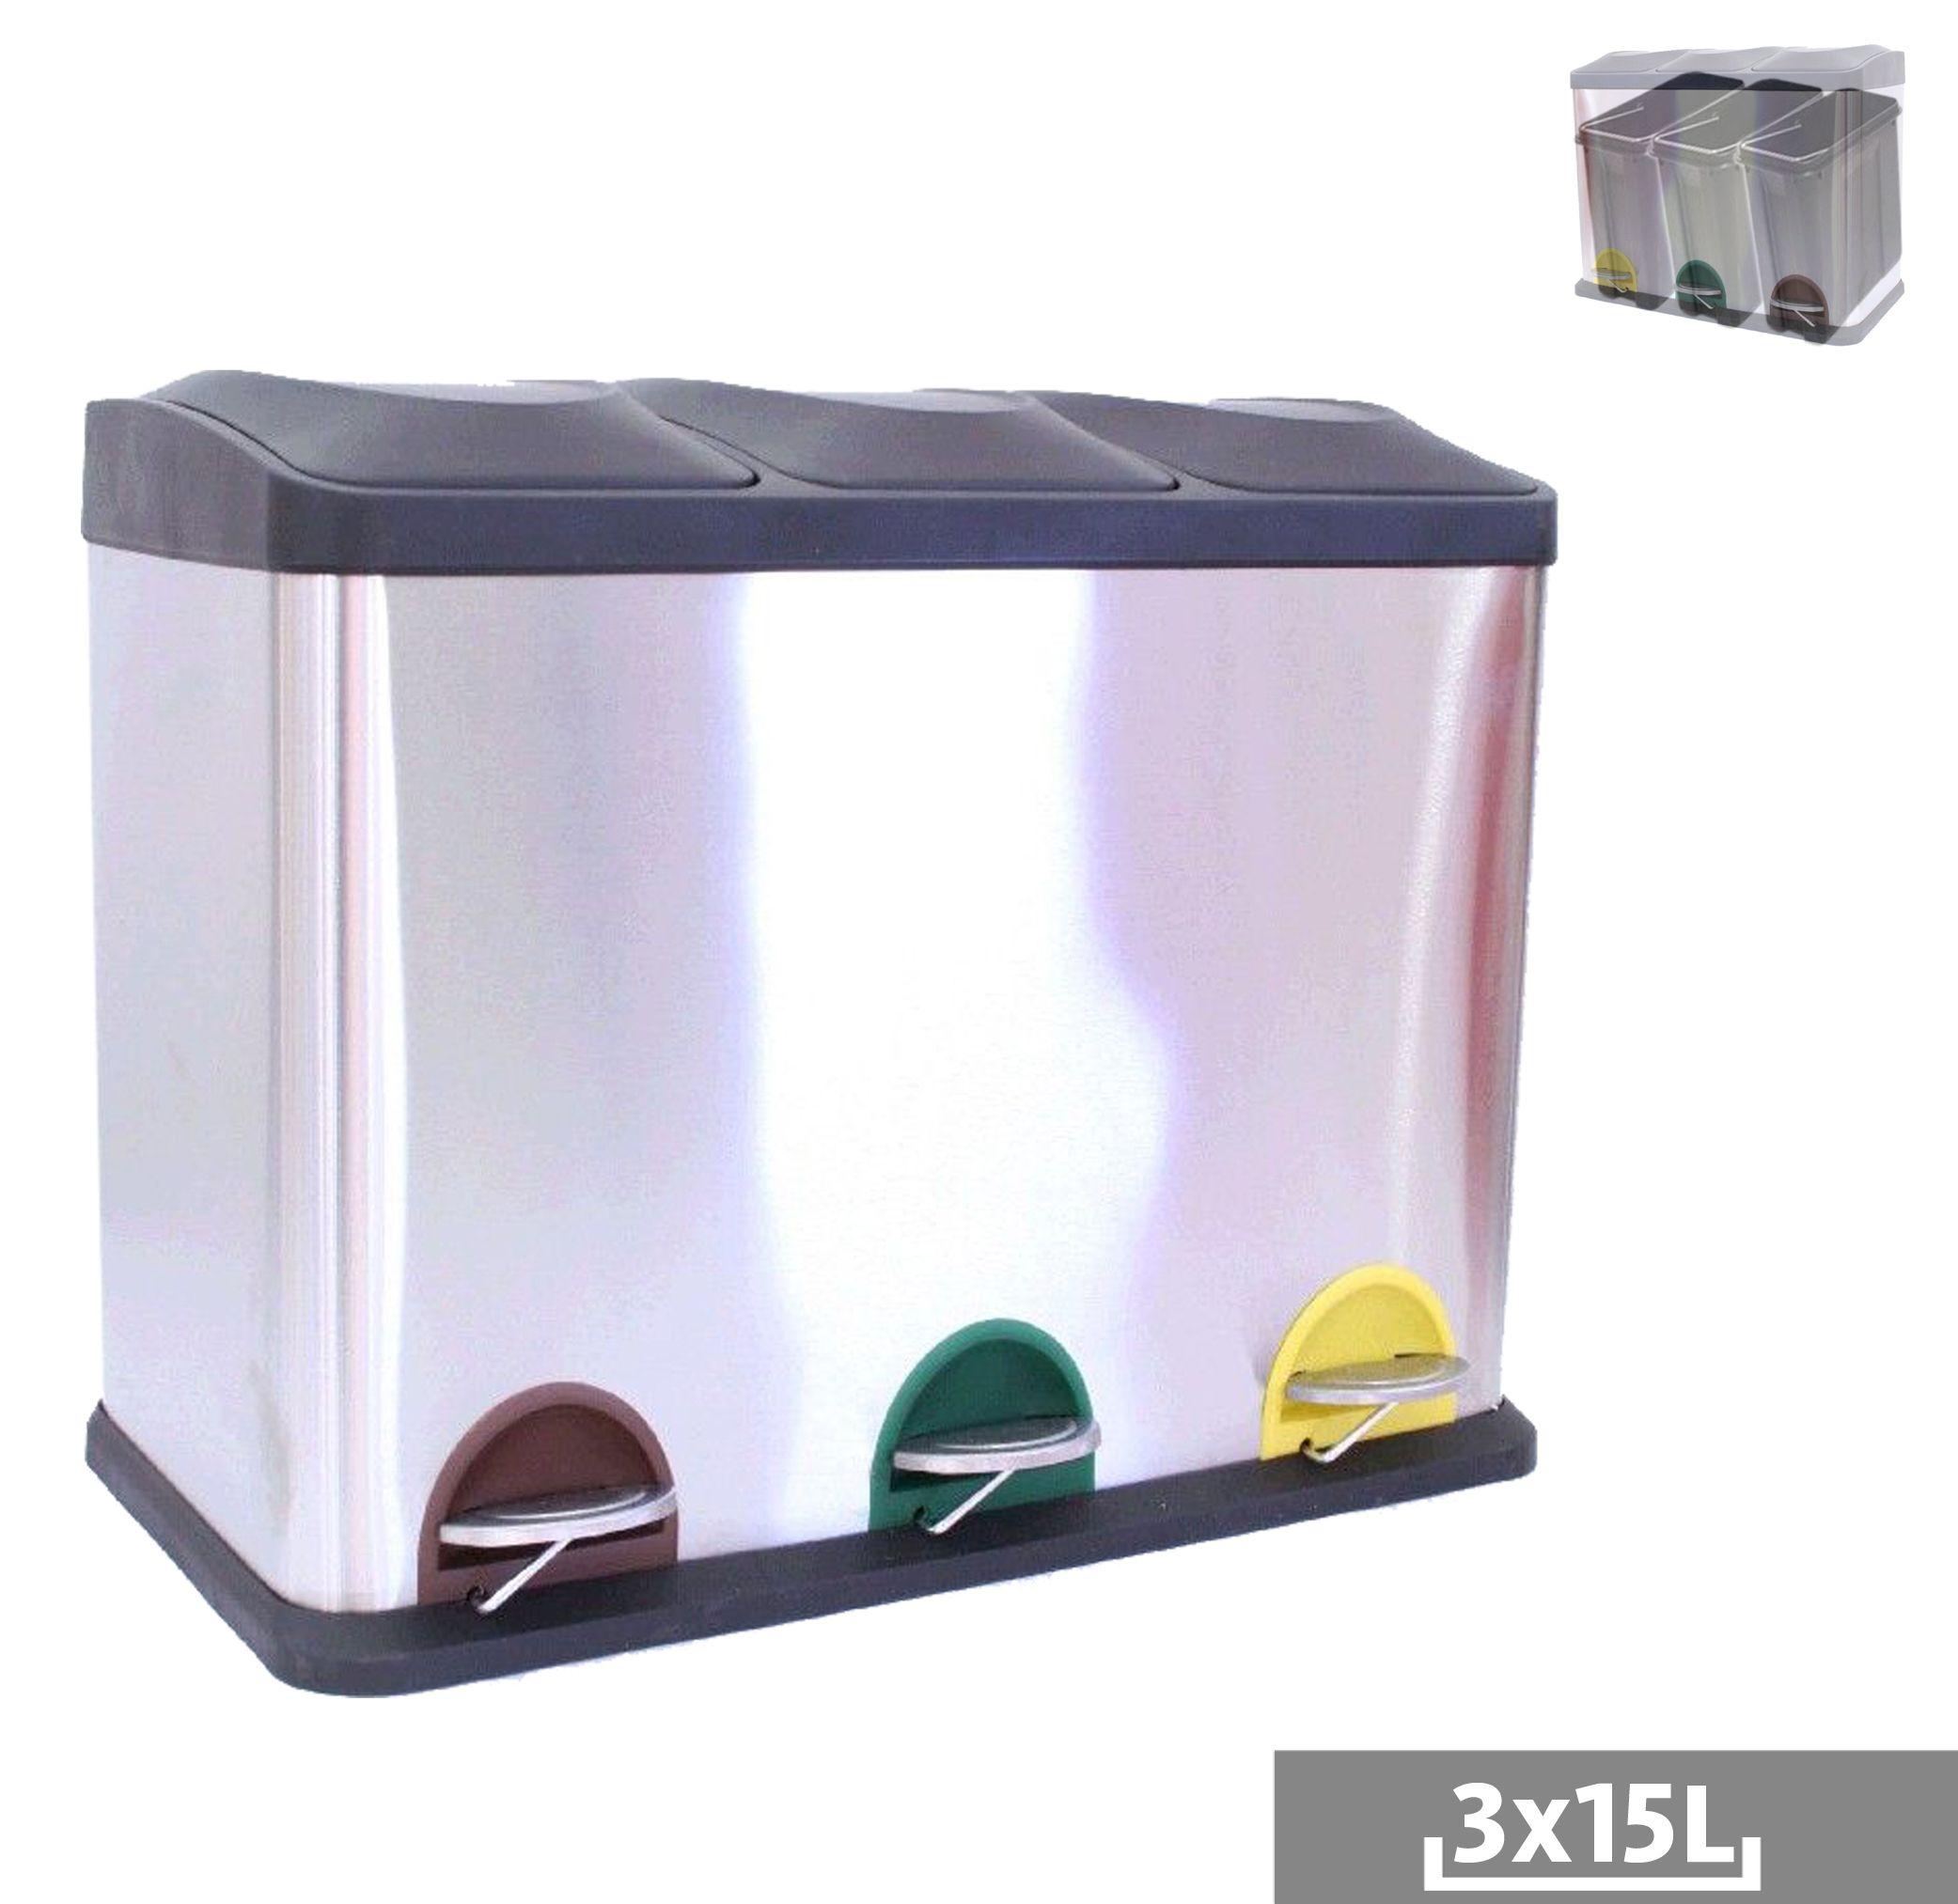 Cubo de basura reciclaje 3 departamentos cocina pinterest - Cubo de reciclaje ...